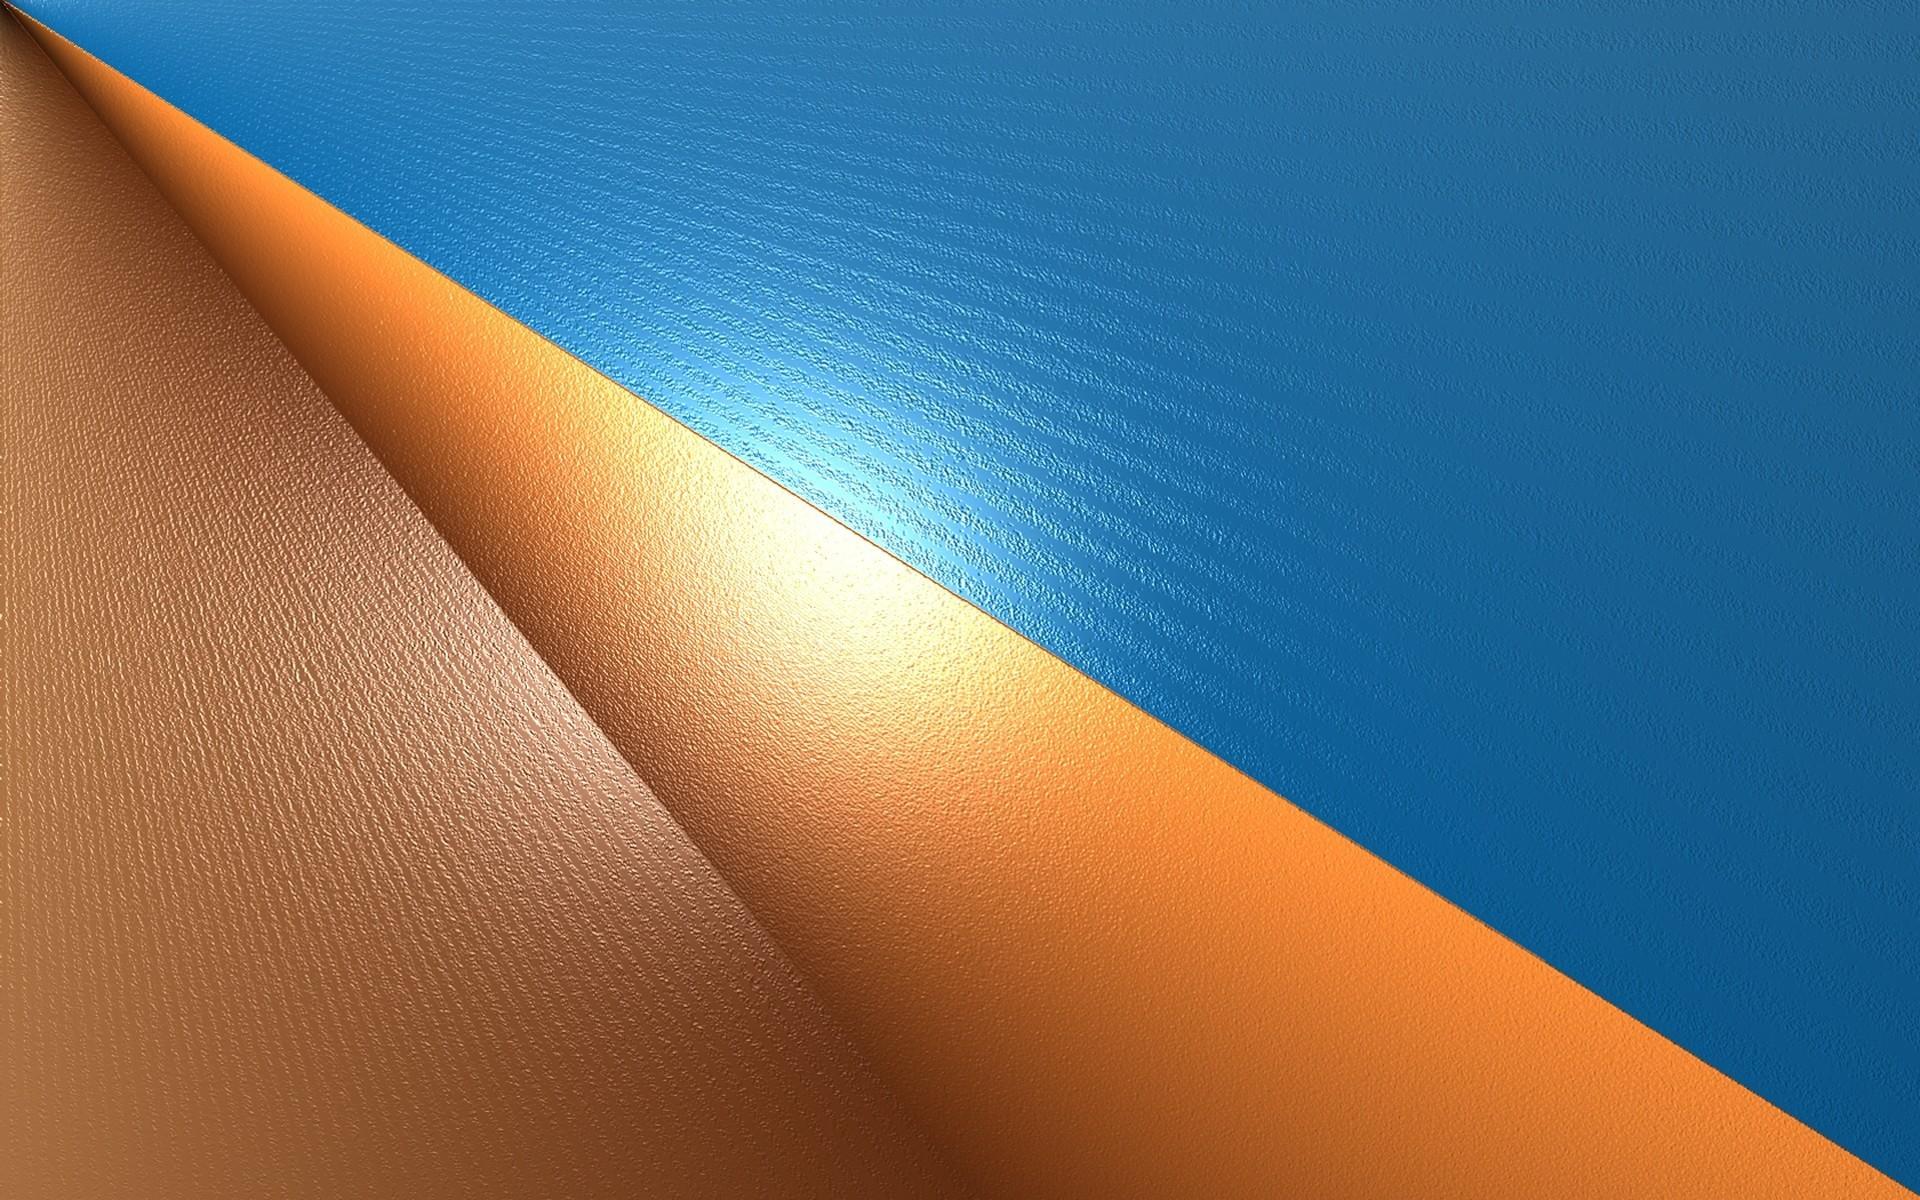 Desktop Wallpaper Fall Scenery Hd Gradient Backgrounds Pixelstalk Net